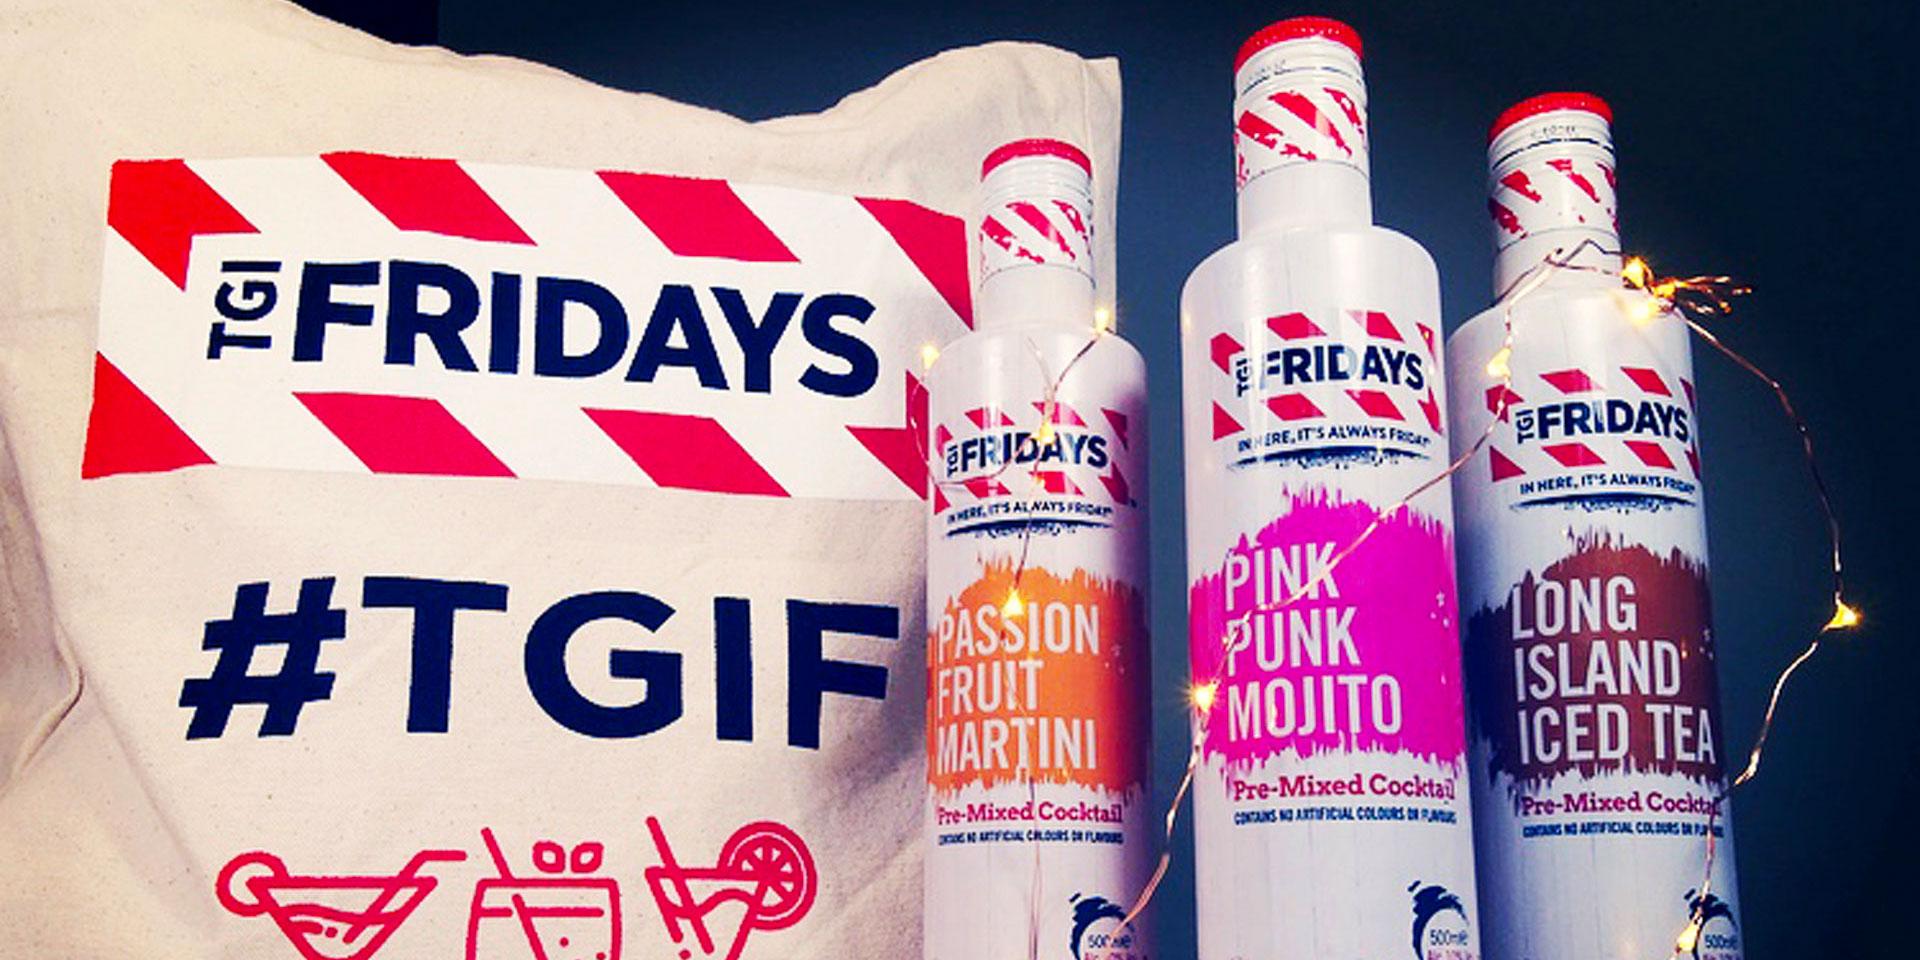 UK launch of TGI Fridays Cocktails image